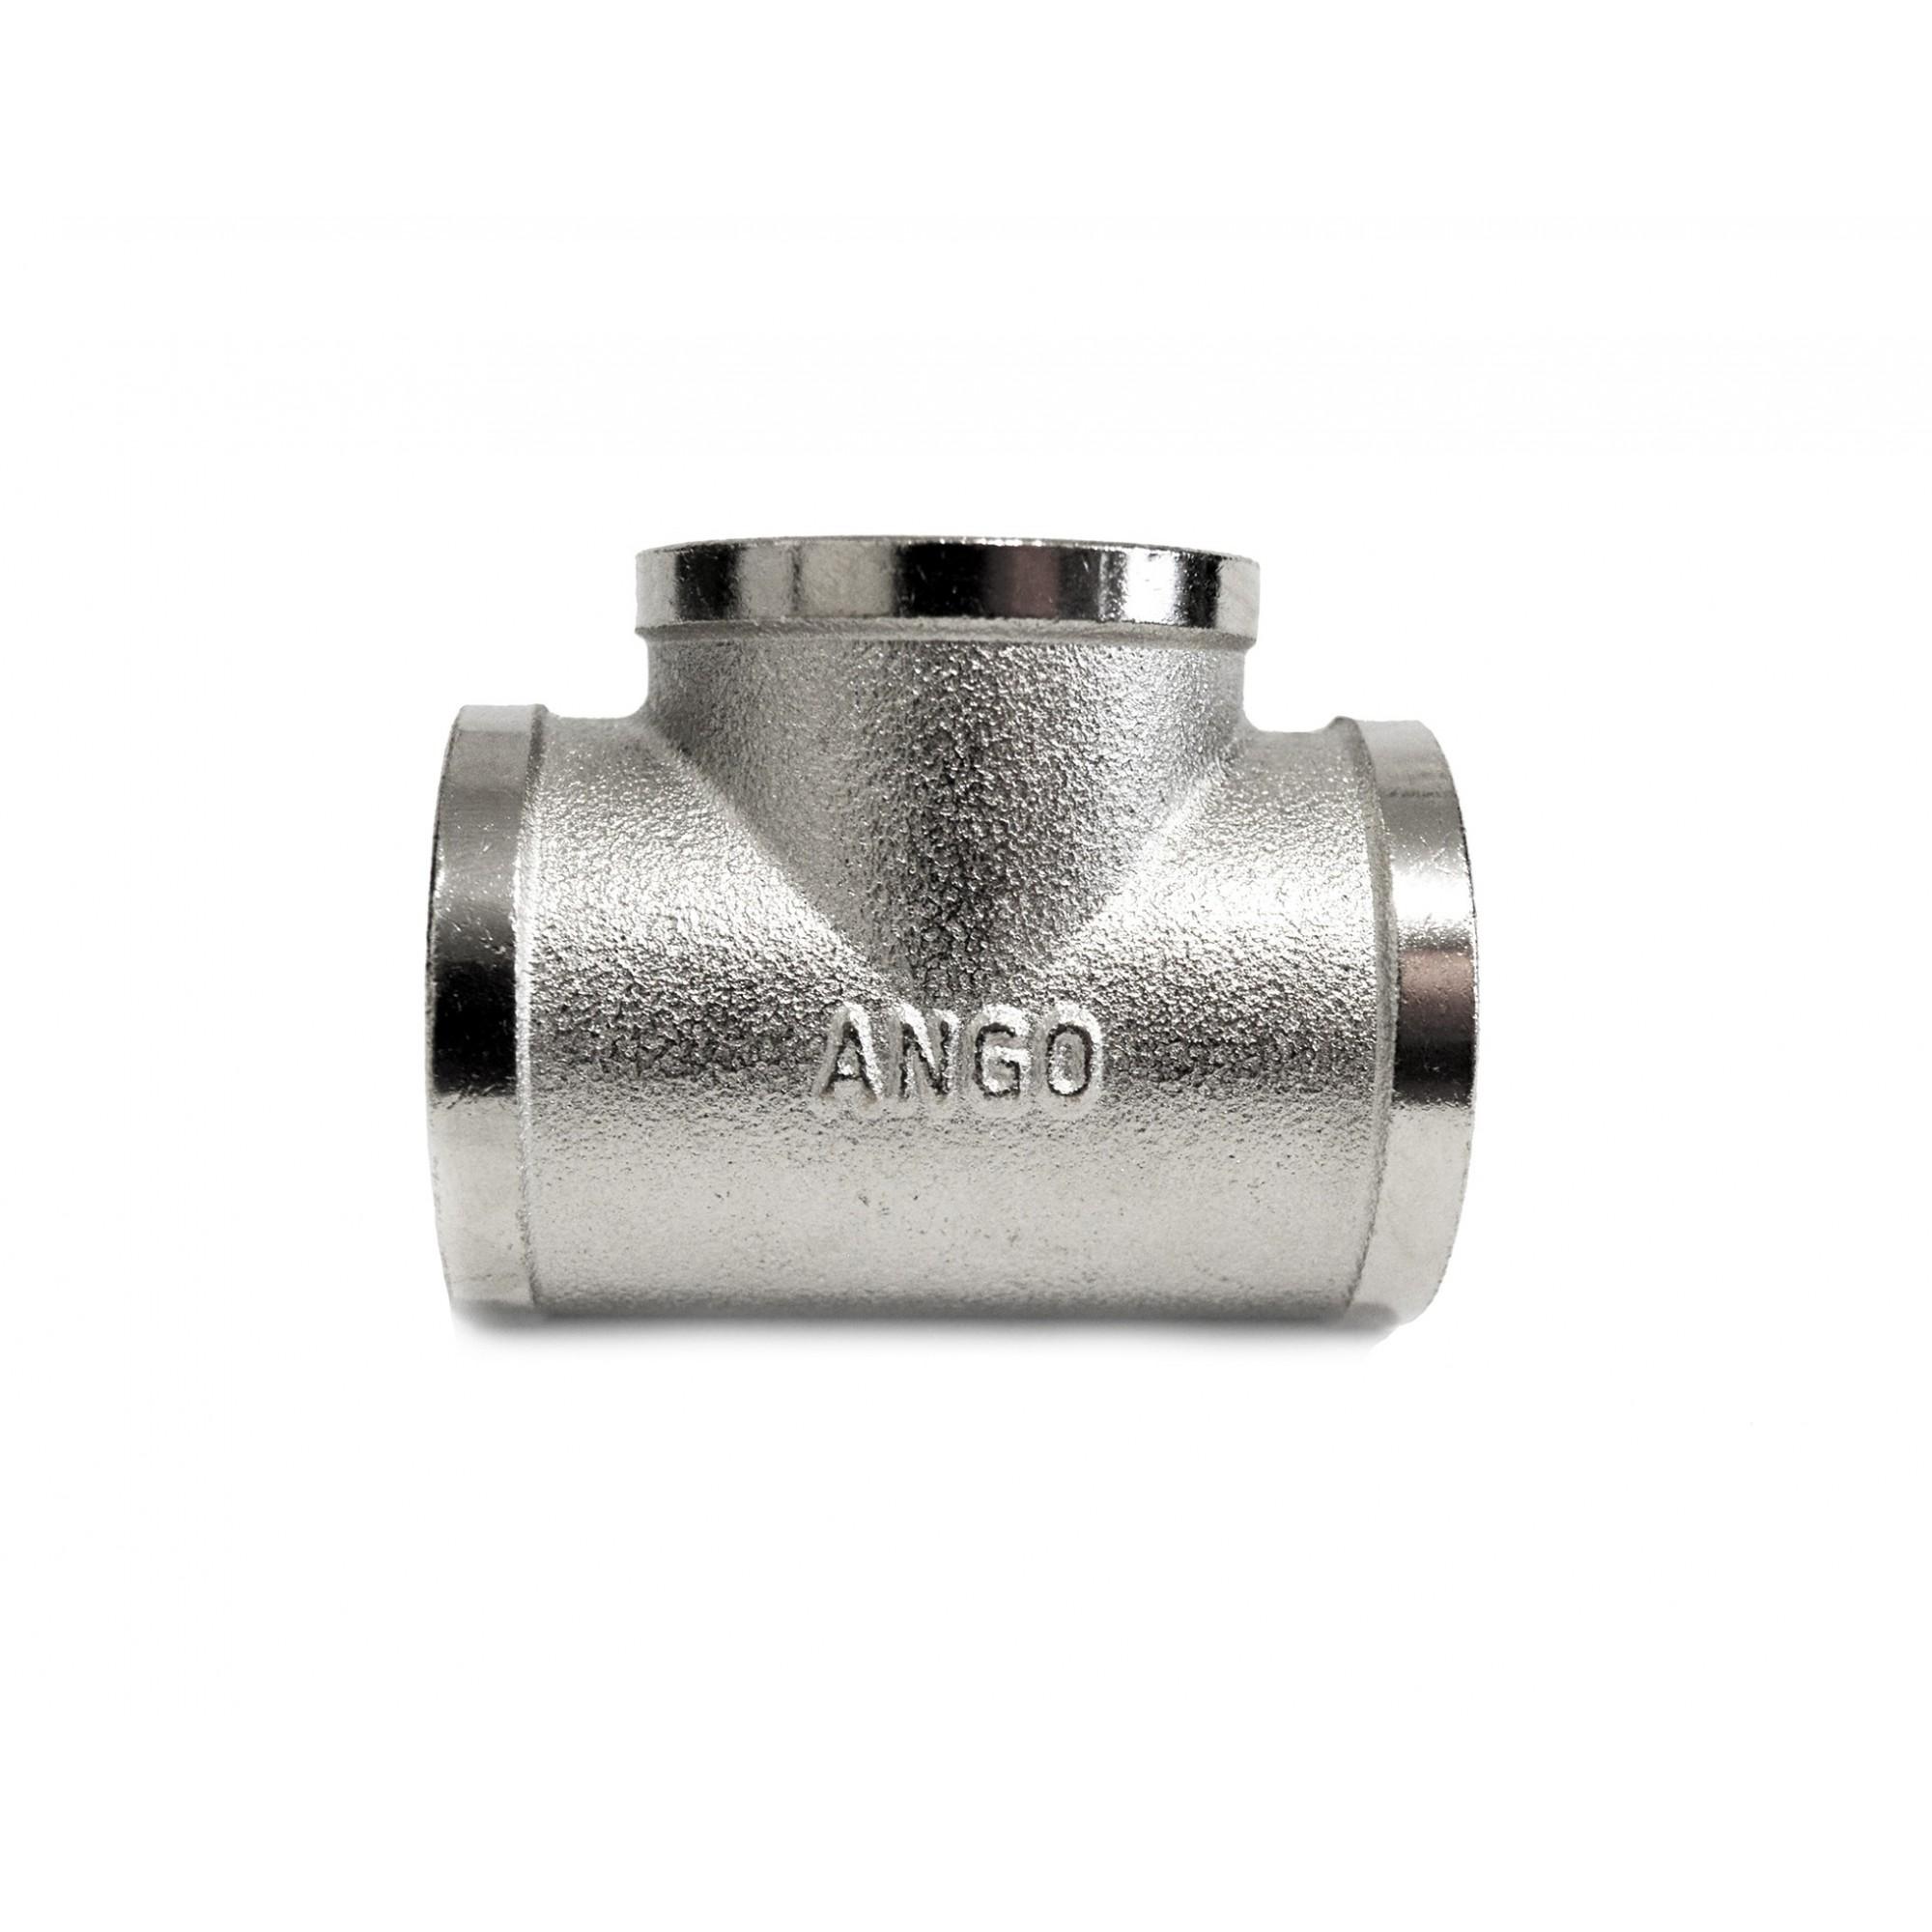 Тройник 1ввв никелированный ANGO ANGO - 1